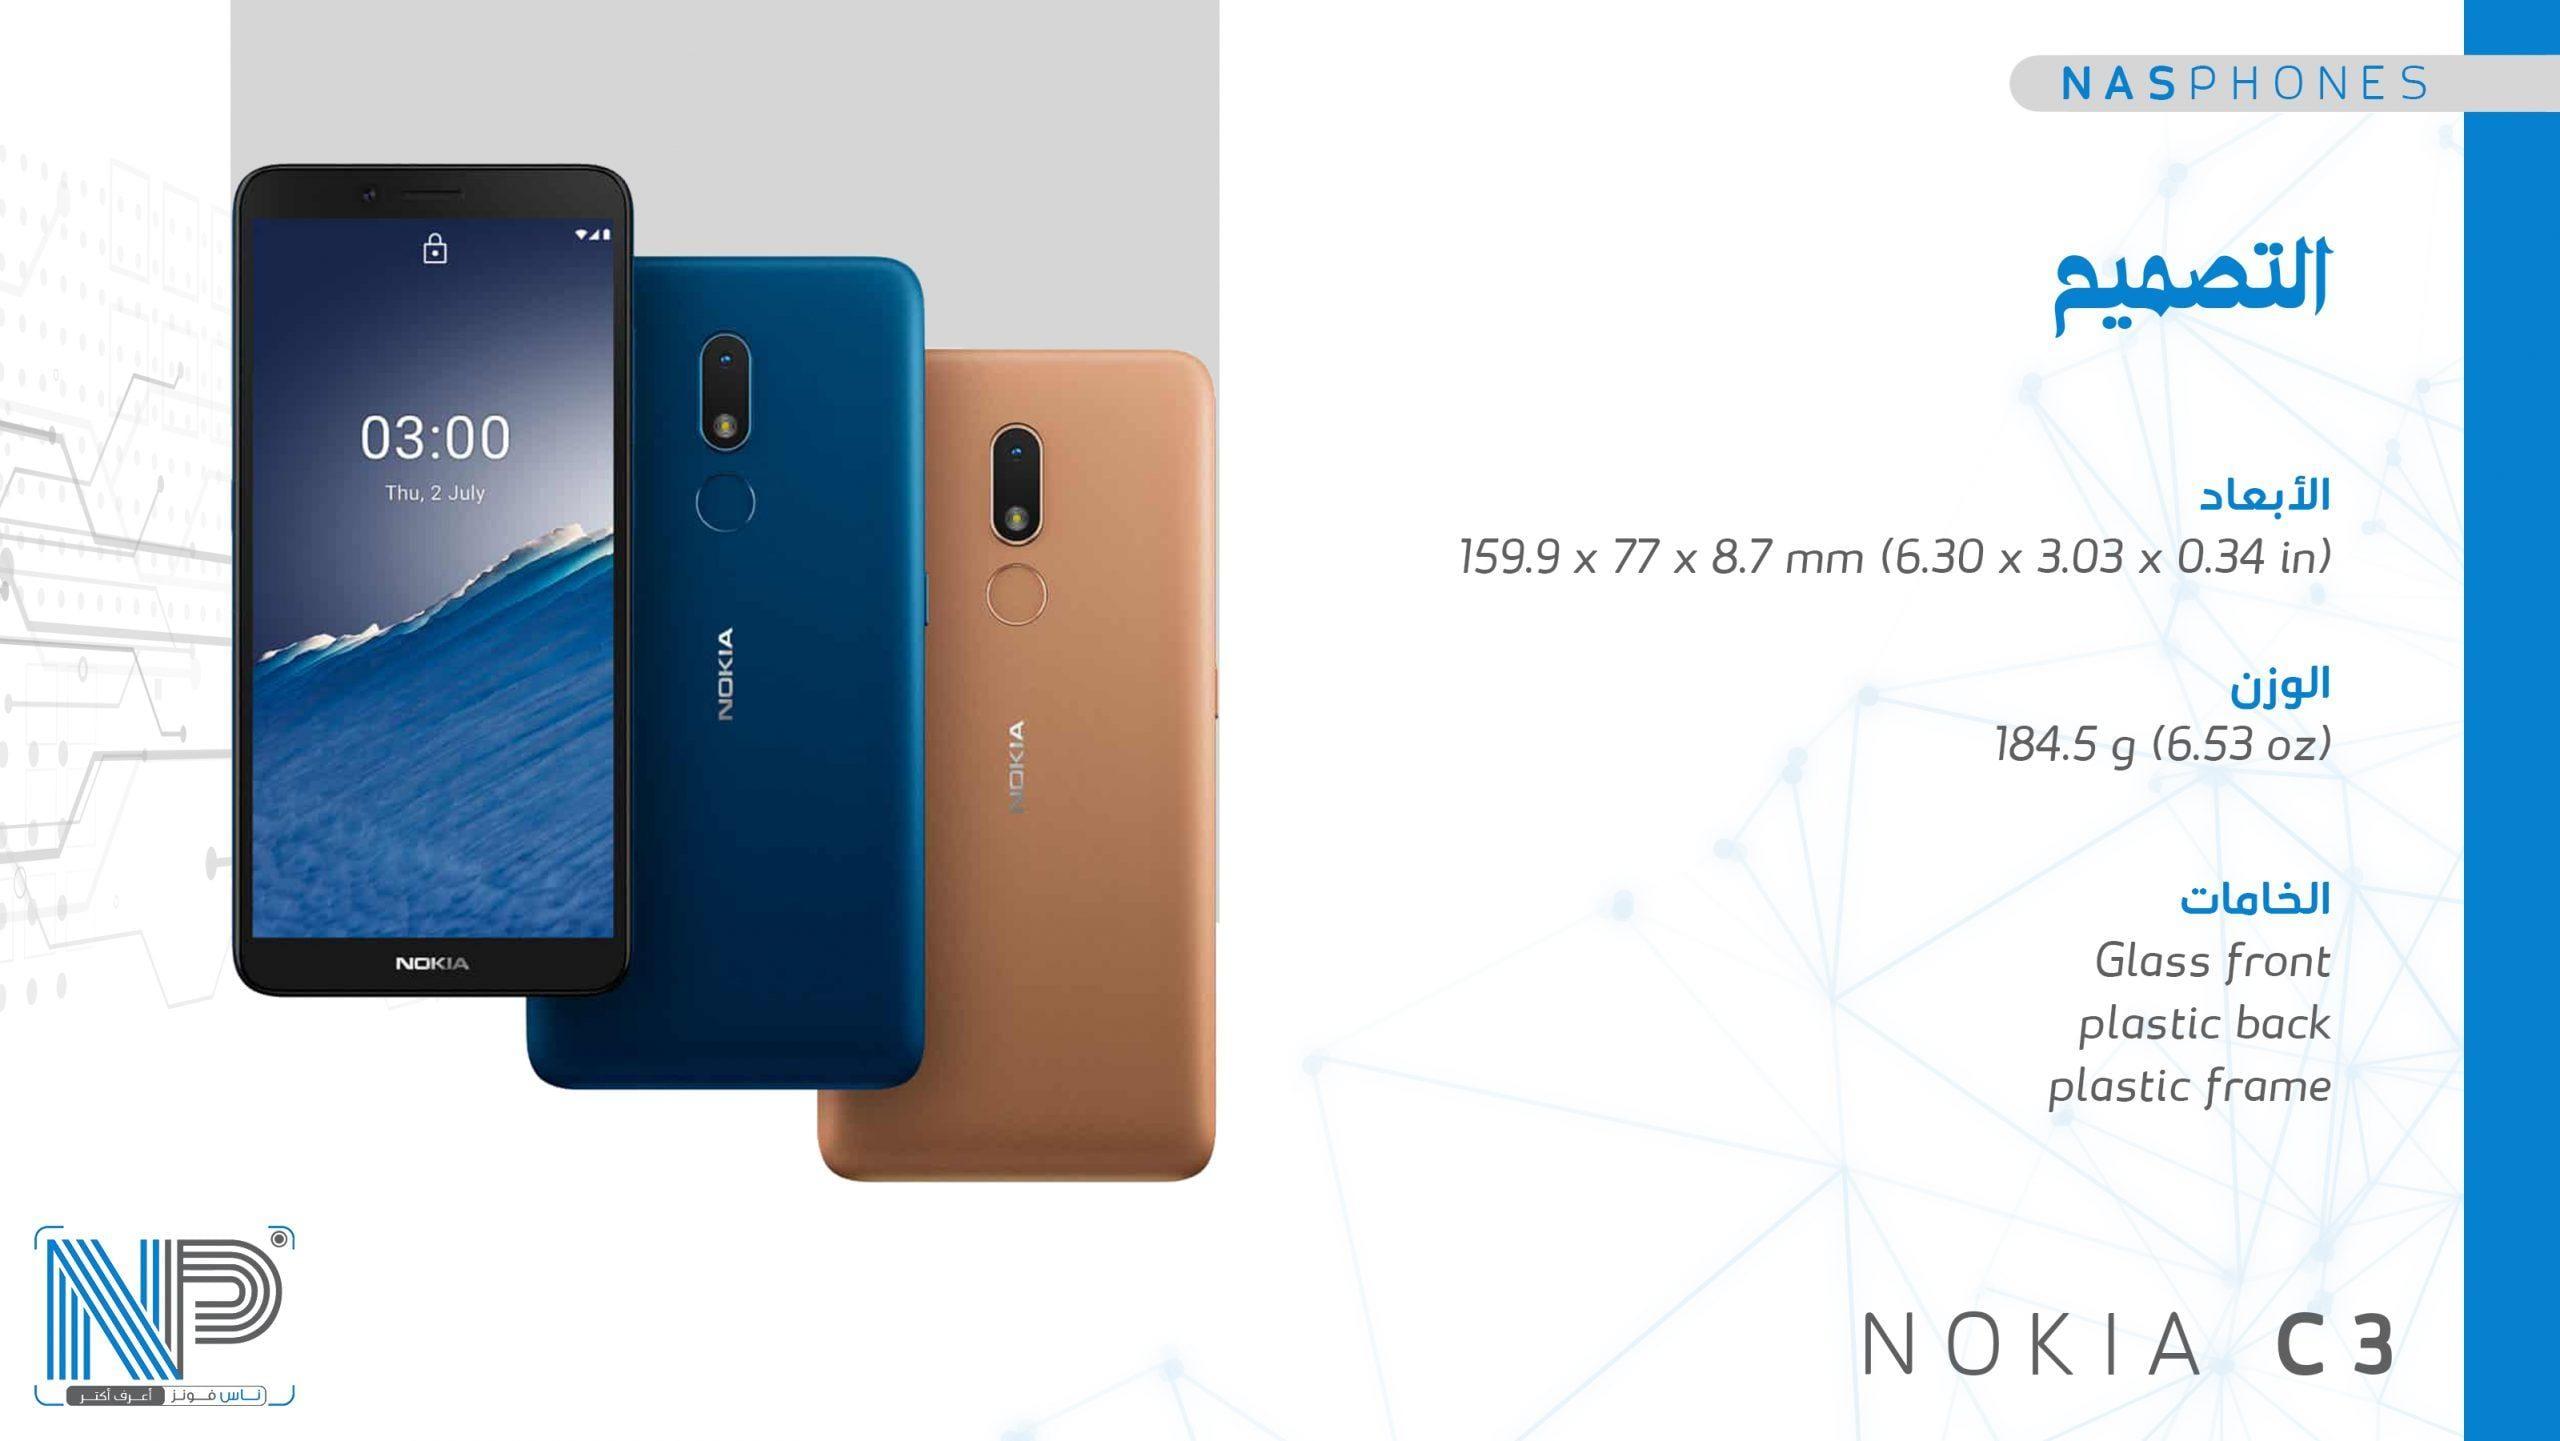 تصميم موبايل Nokia C3